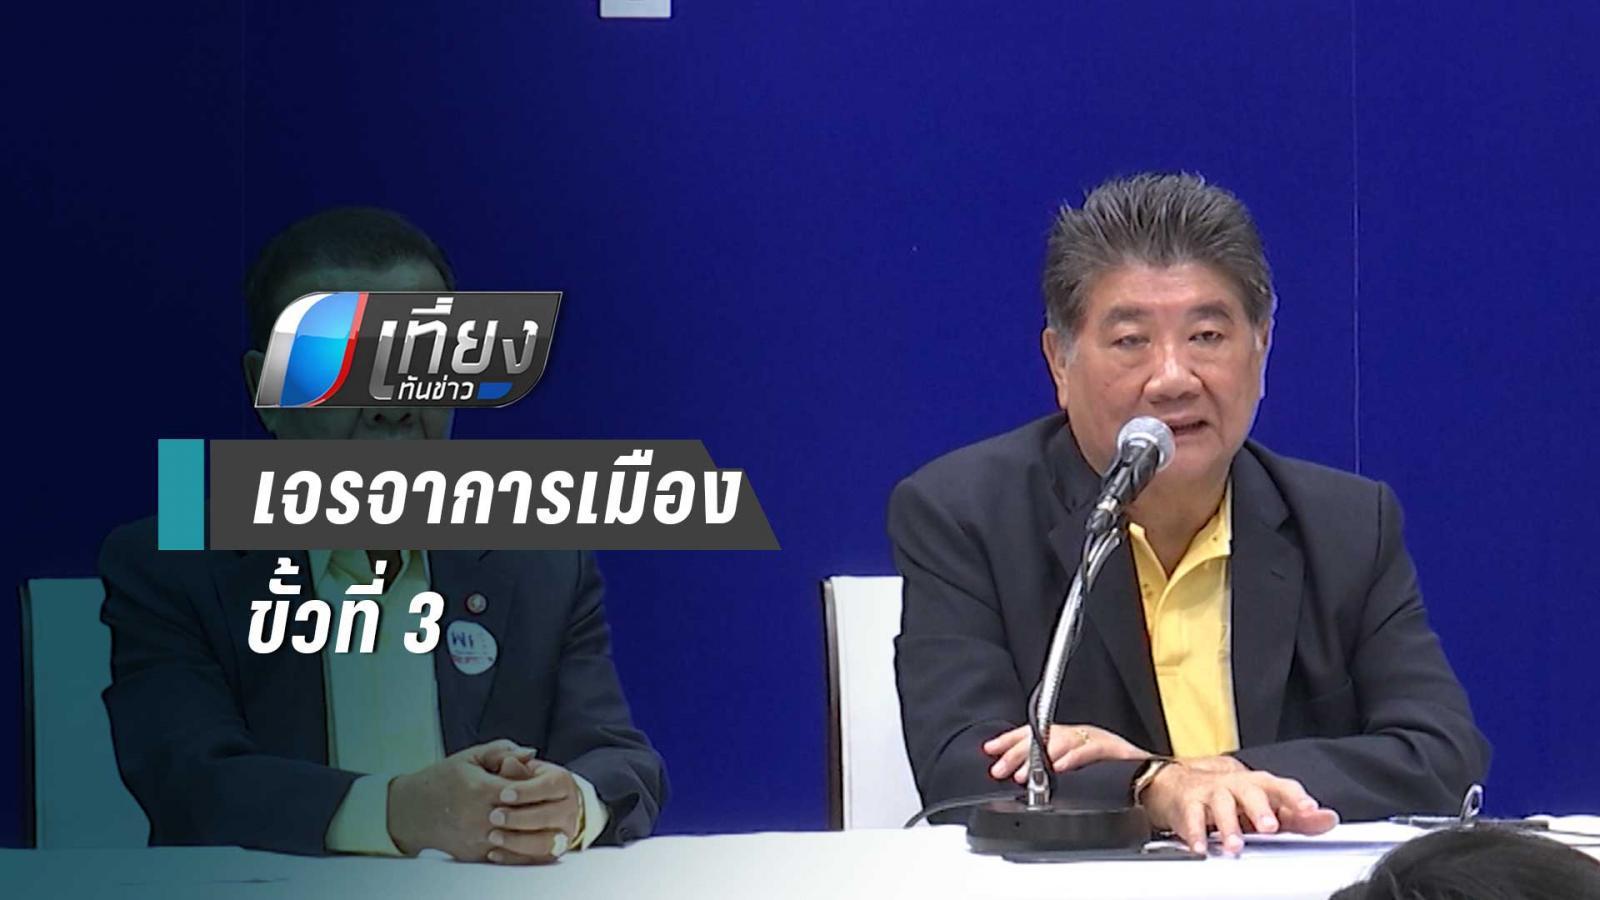 """""""เพื่อไทย"""" ต่อสาย พรรคขั้วที่ 3 ร่วมไม่หนุน """"บิ๊กตู่"""""""